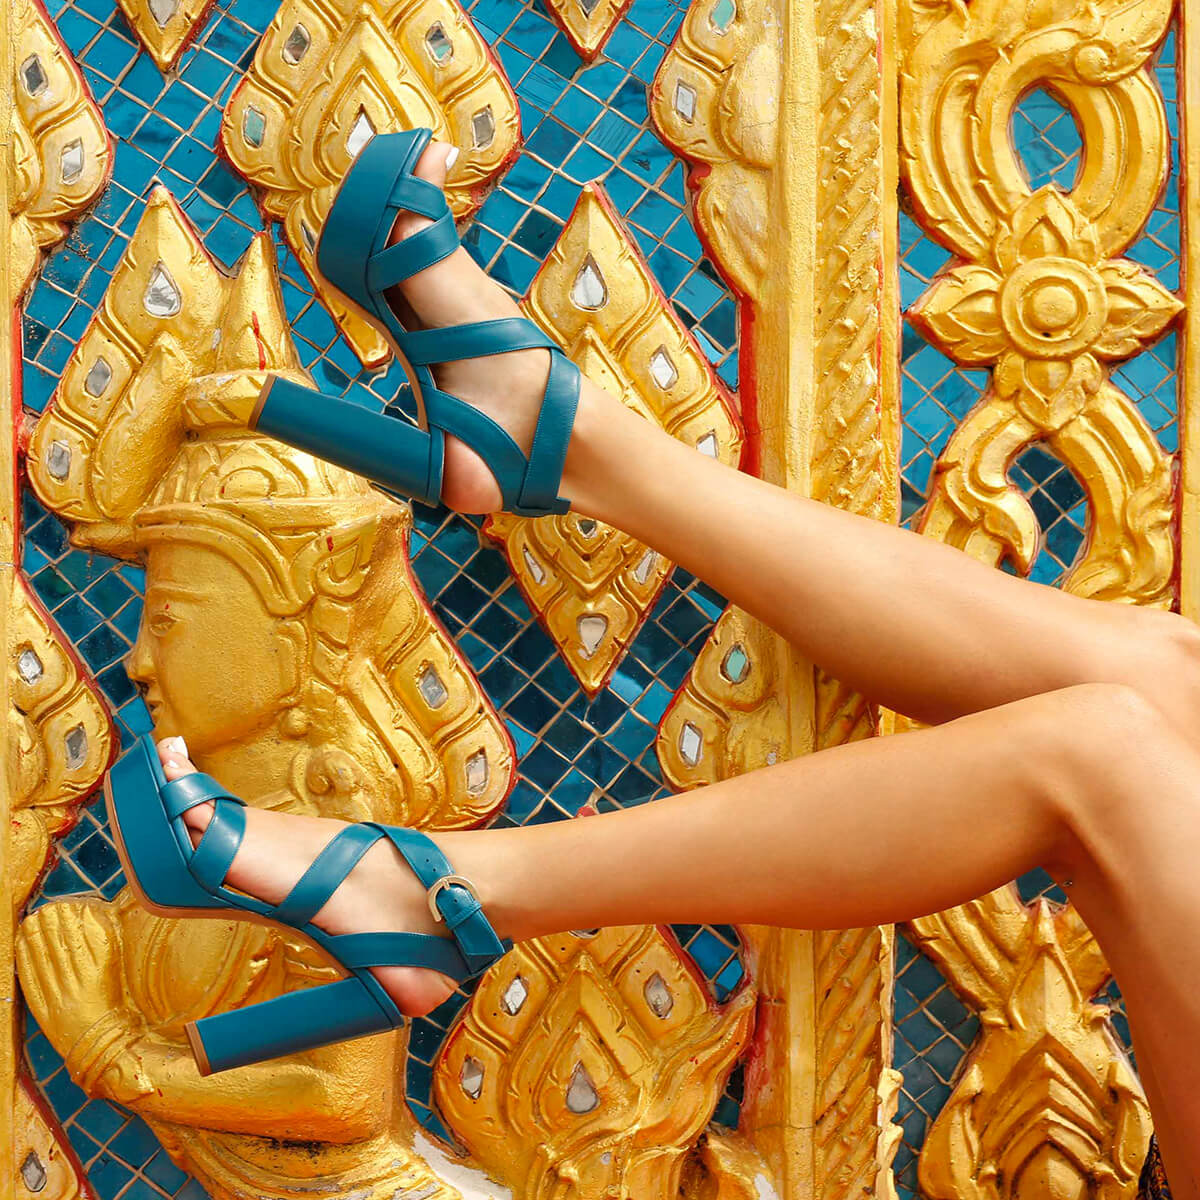 En Tacón Sandalias Azul Con Pura De Piel Tiras Lopez Plataforma Y Alto gwaqU4a0W